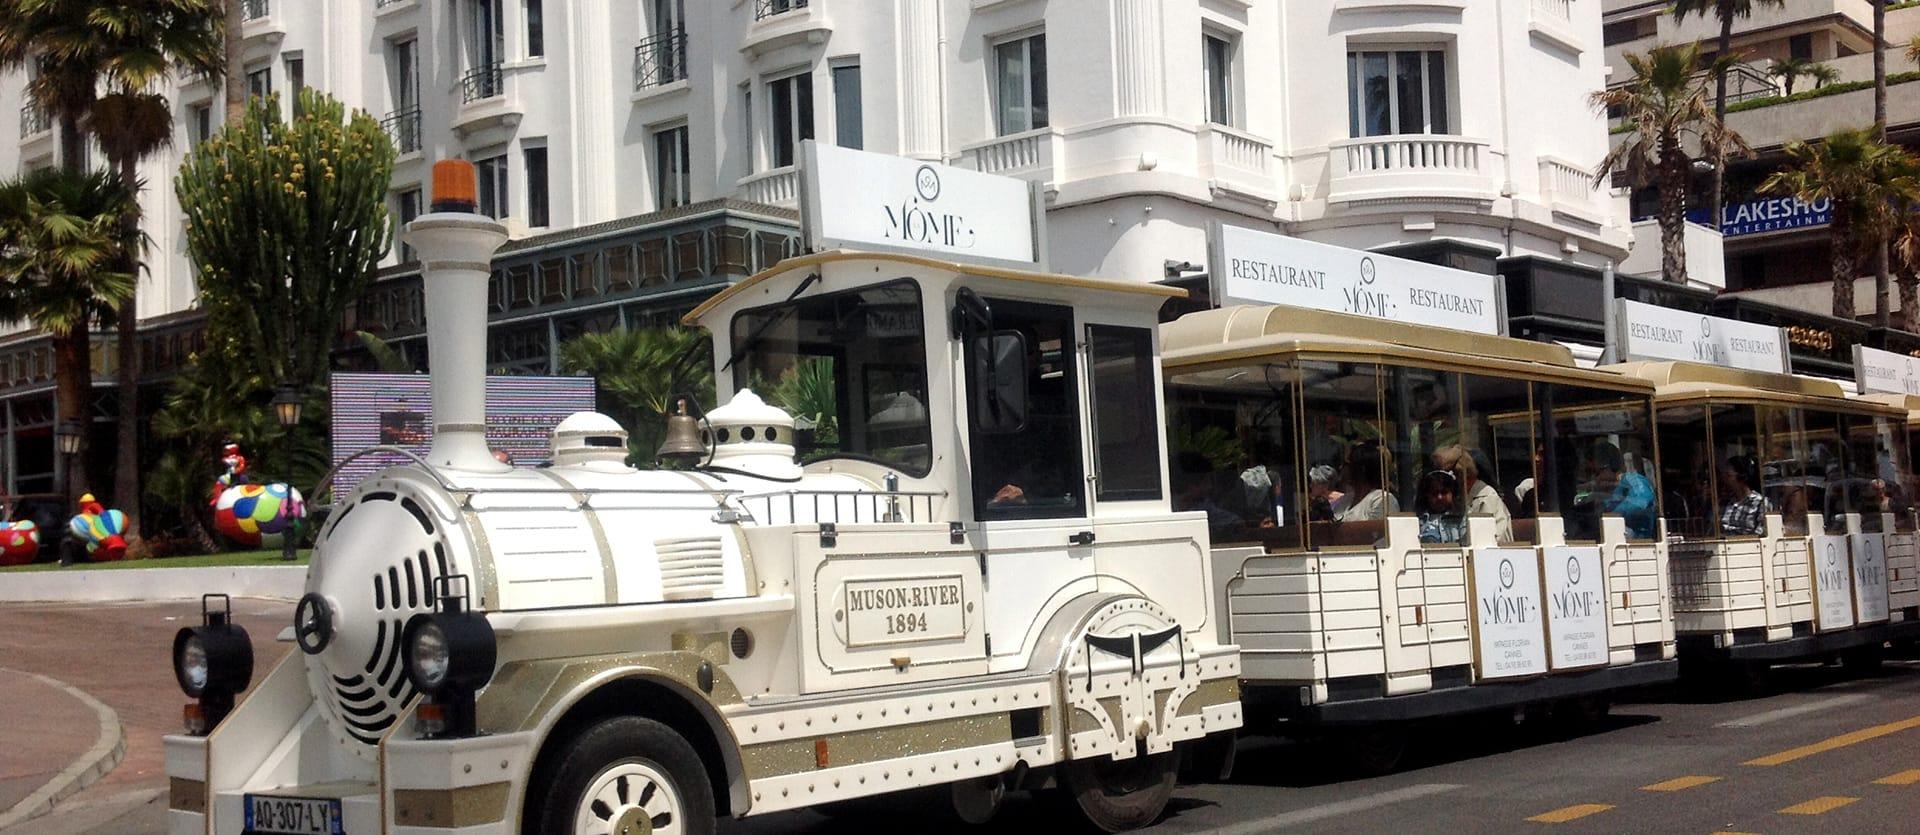 Le Petit Train de Cannes